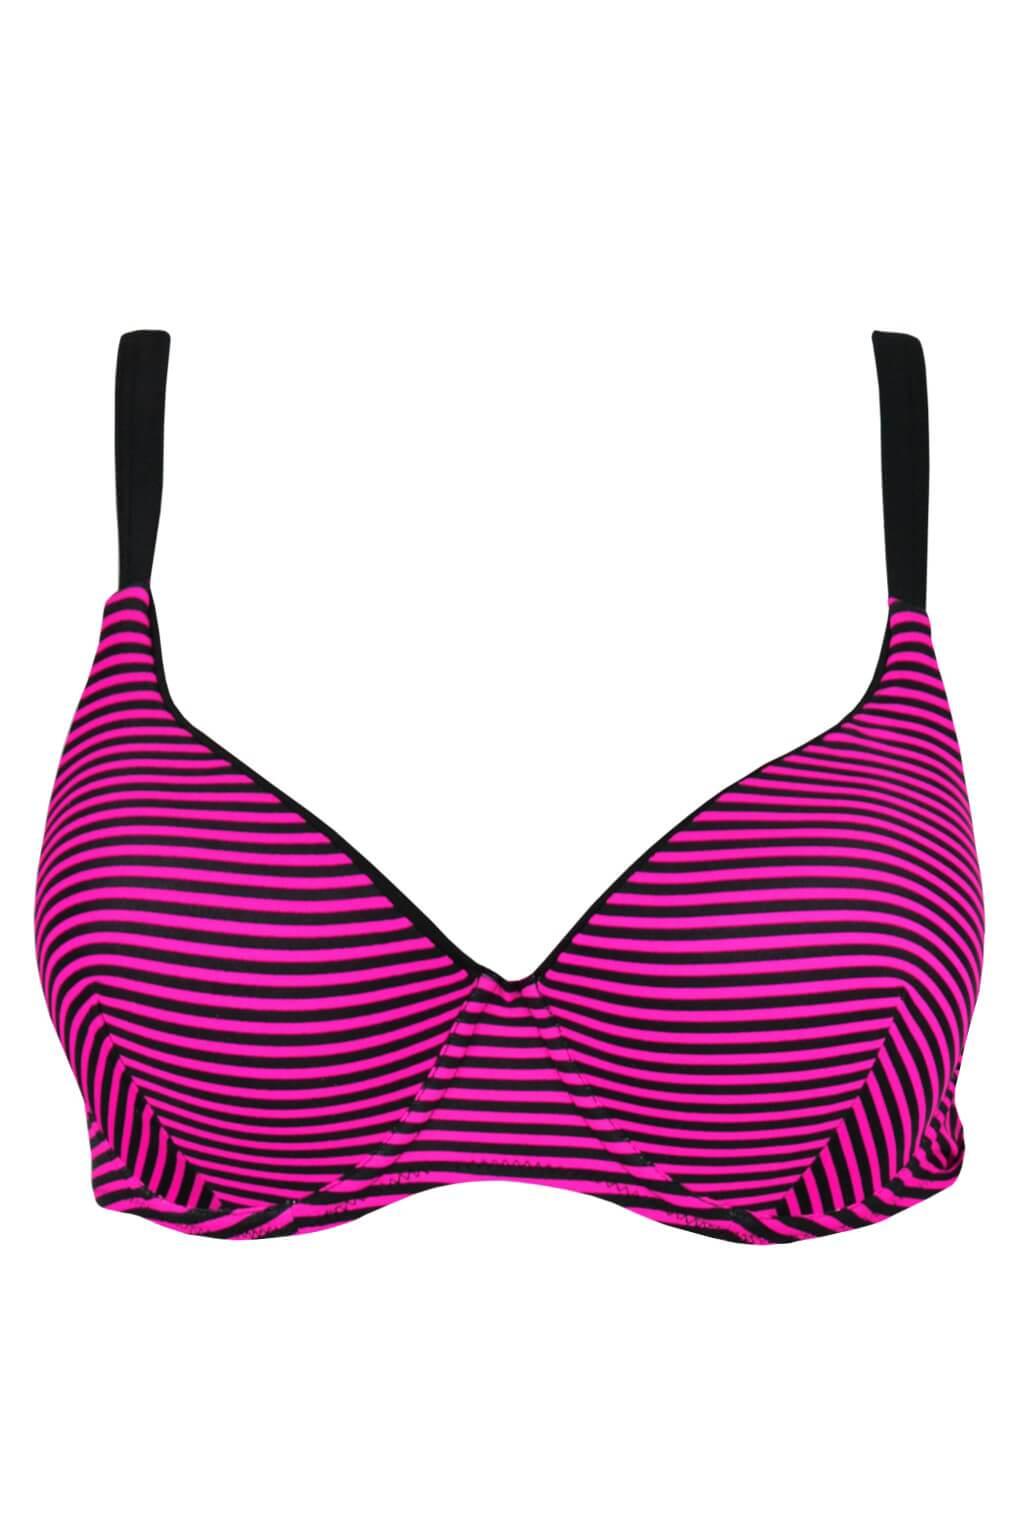 Rafaella Pink plavky horní díl S798 3XL tmavě růžová 2e0f258883